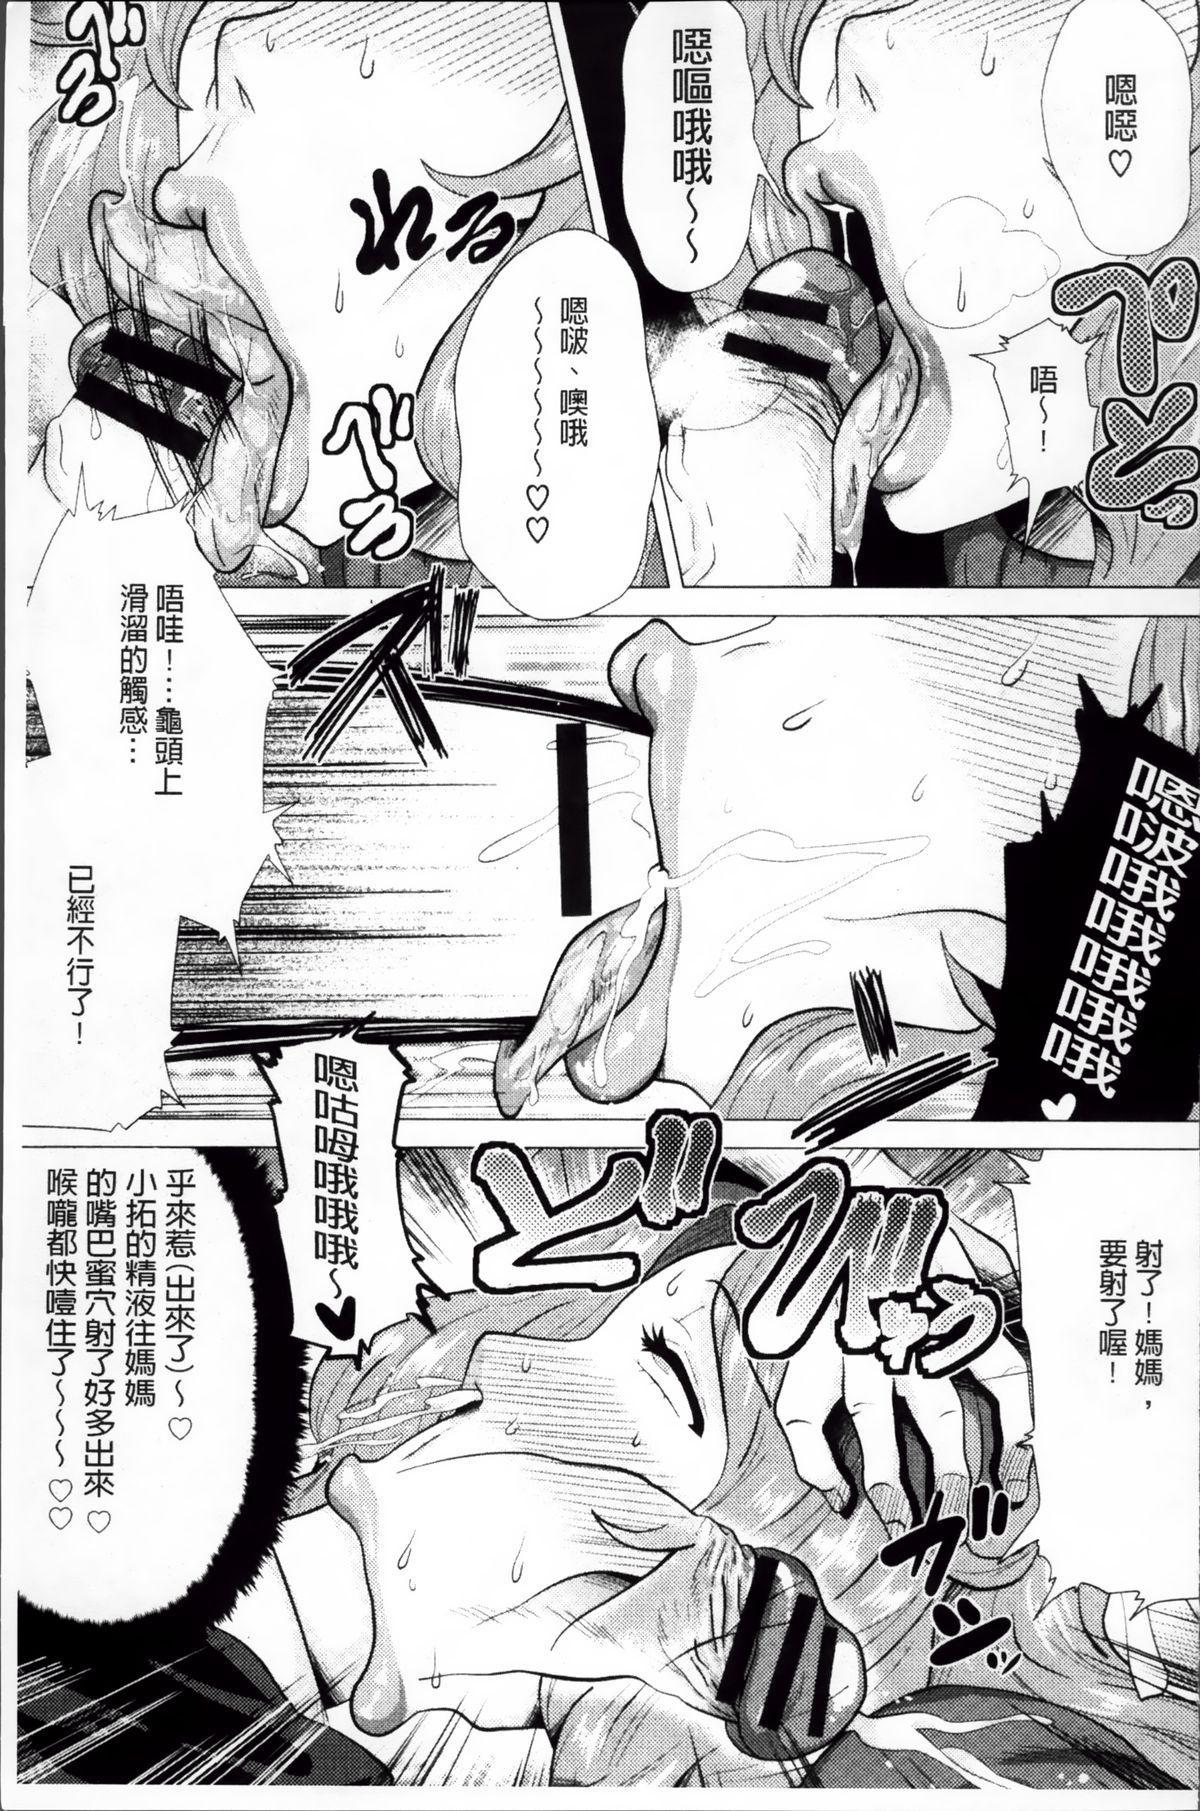 Megabody Night - Watashi no Oniku o Meshiagare 20